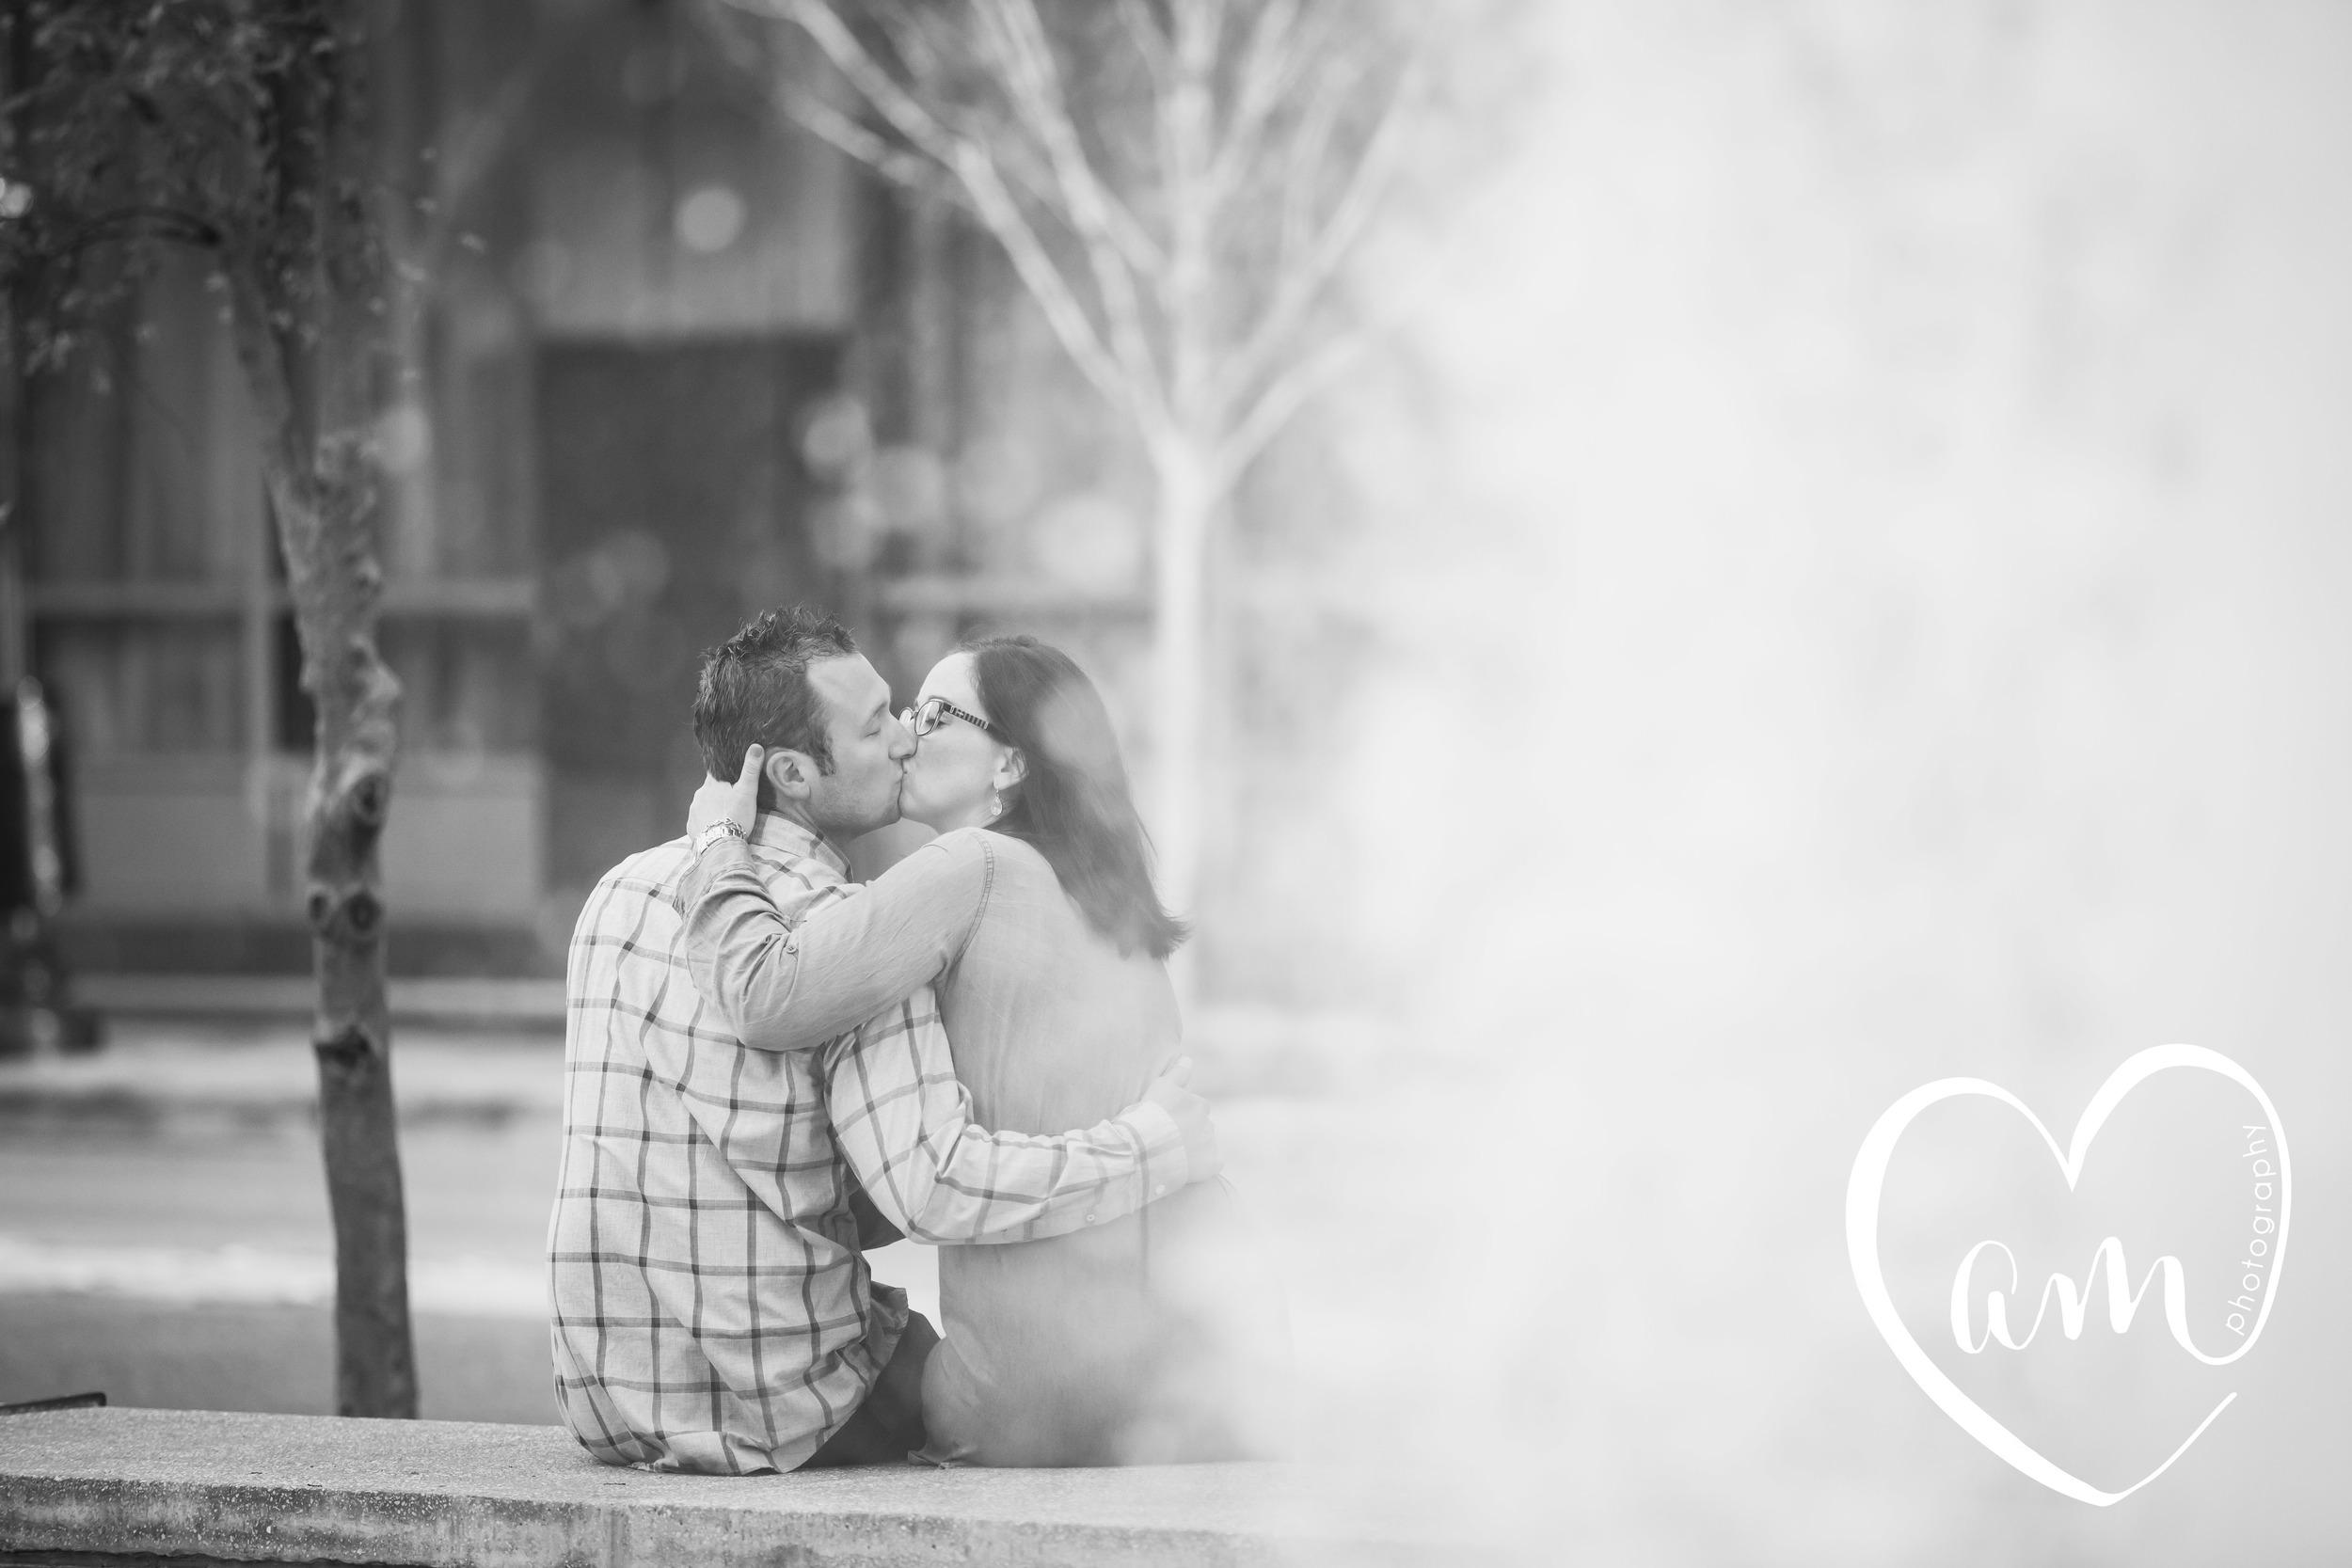 Urban Orlando engagement photos. Church Street engagement session. Photo by Amanda Mejias Photography: Orlando wedding photographer.